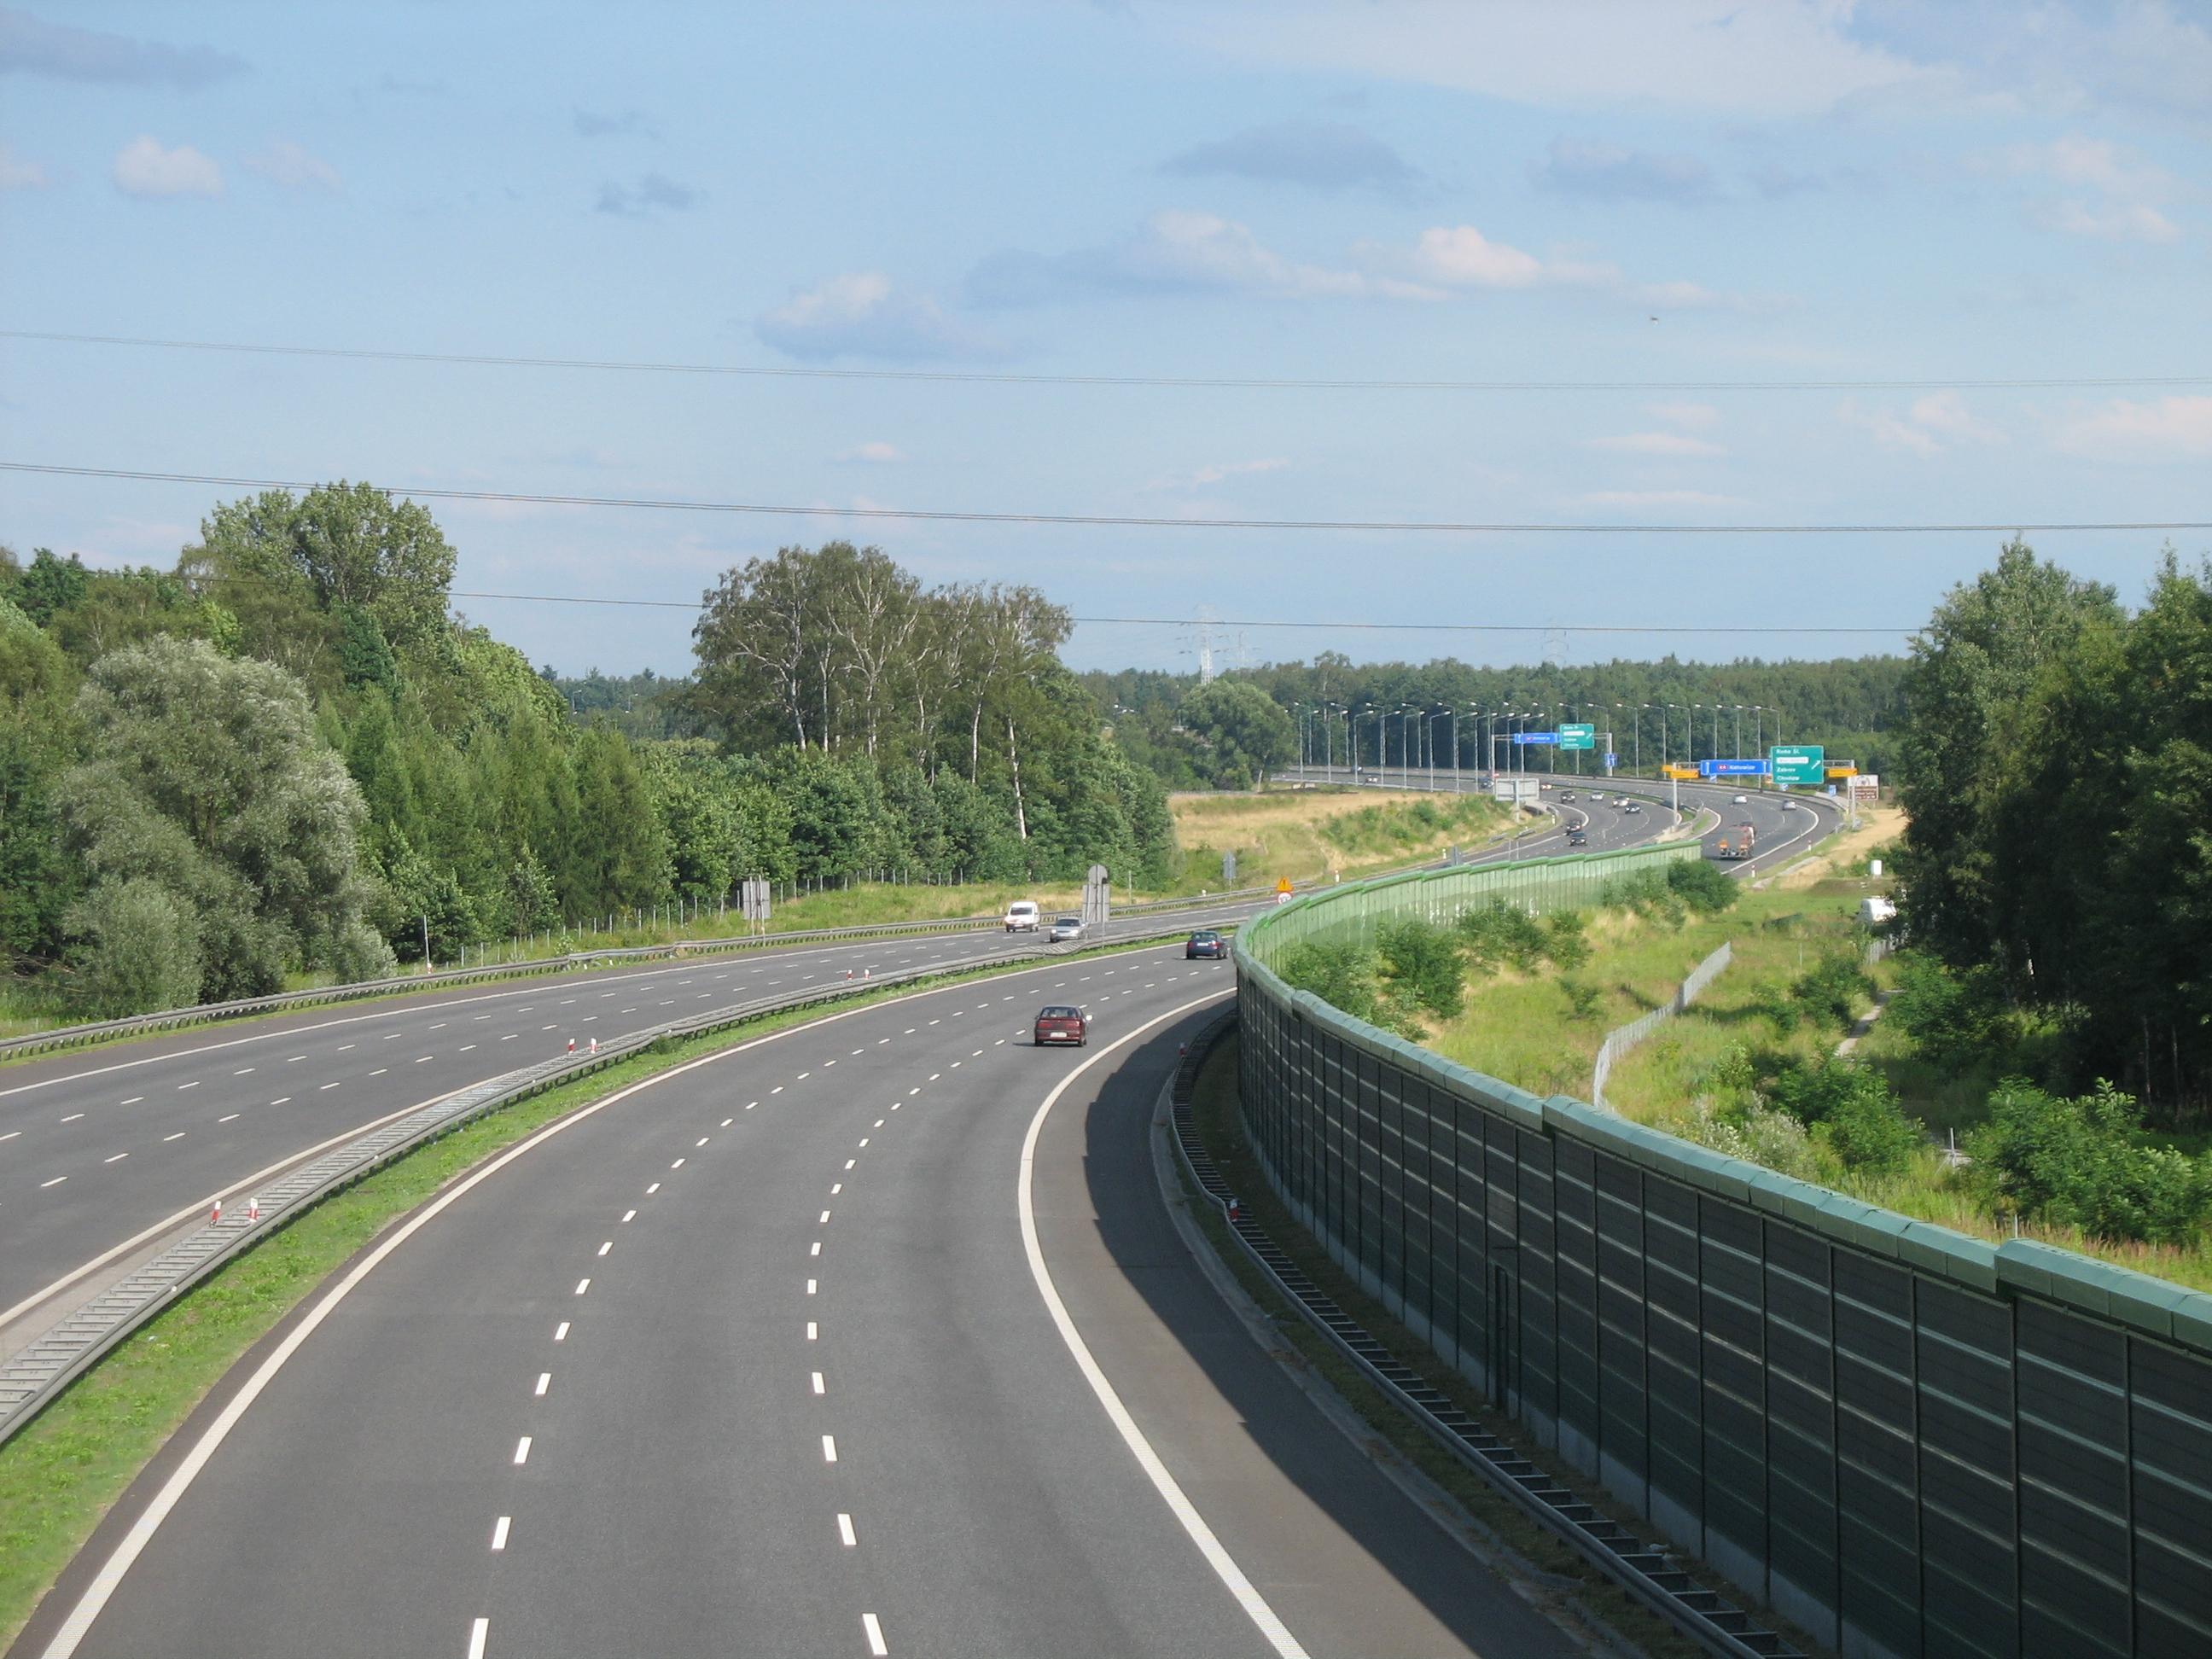 autostrada a4 w zabrzu-makoszowach (nemo5576).jpg